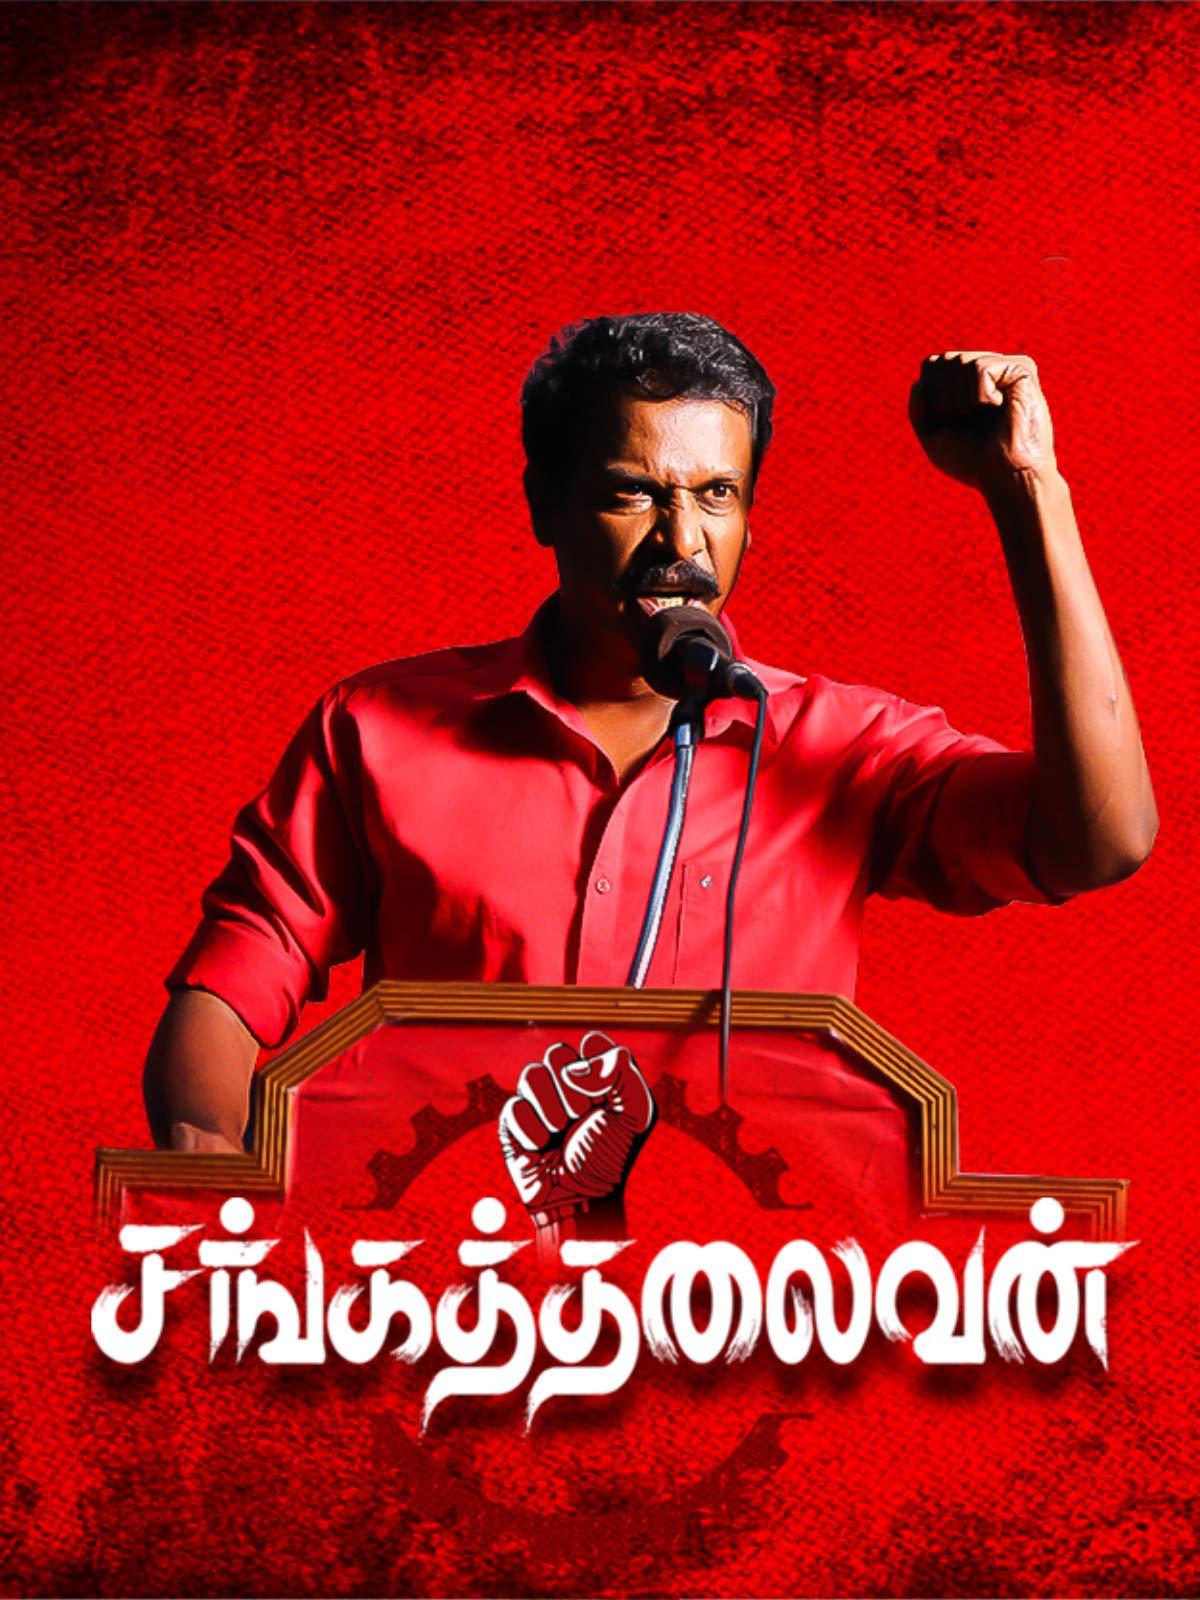 Sangathalaivan TamilRockers